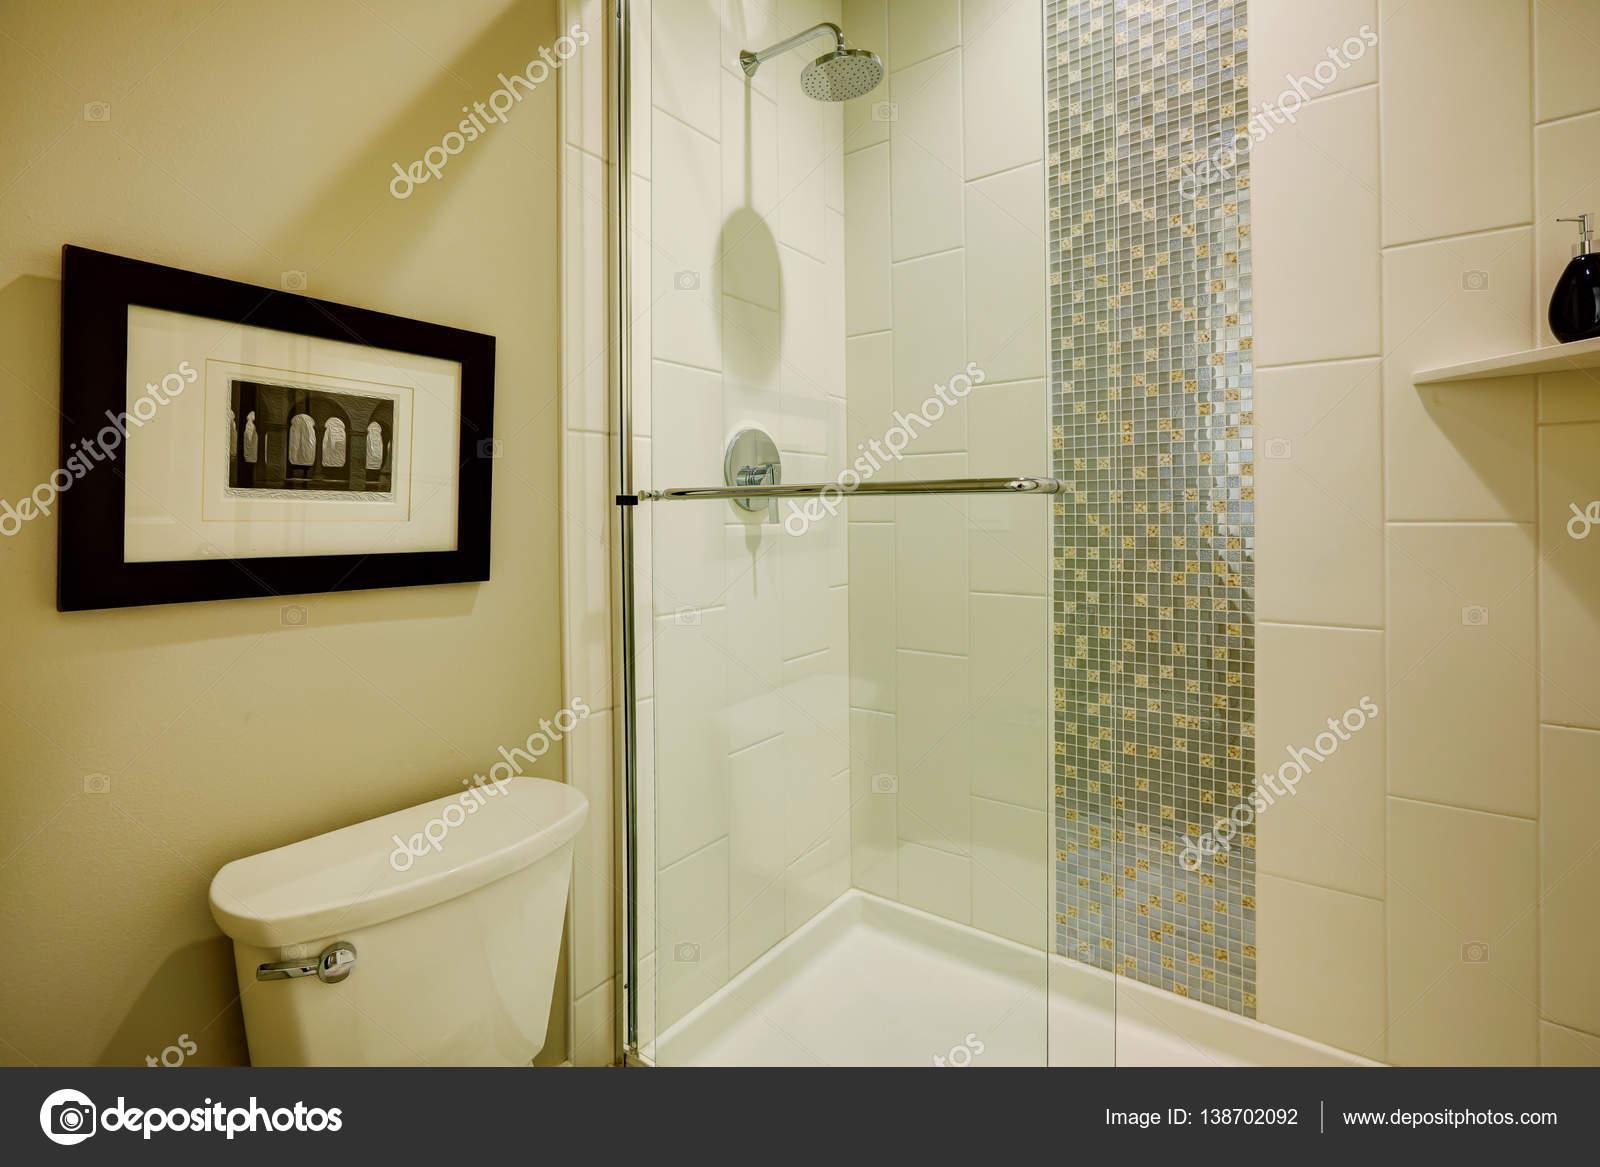 Inloopdouche Met Tegels : Home decor ideeën aangenaam wandafwerking badkamer zonder tegels